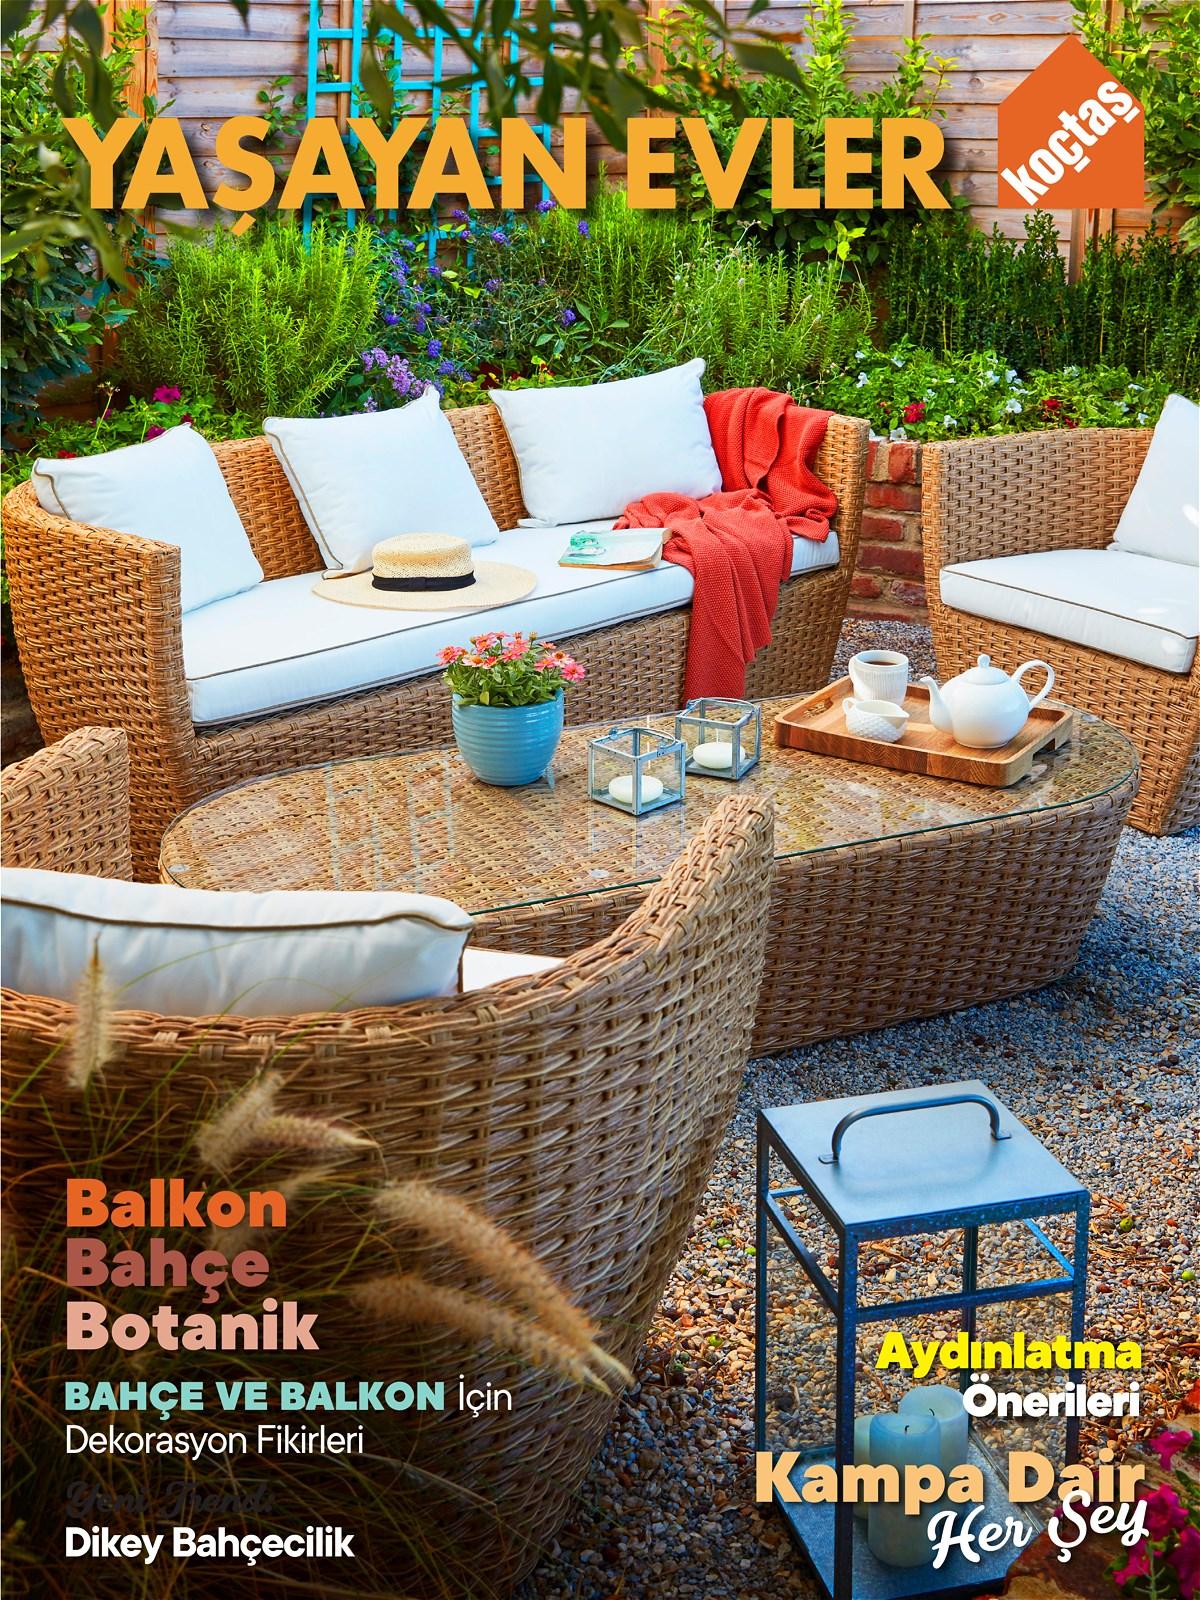 29.05.2021 Koçtaş broşürü 1. sayfa